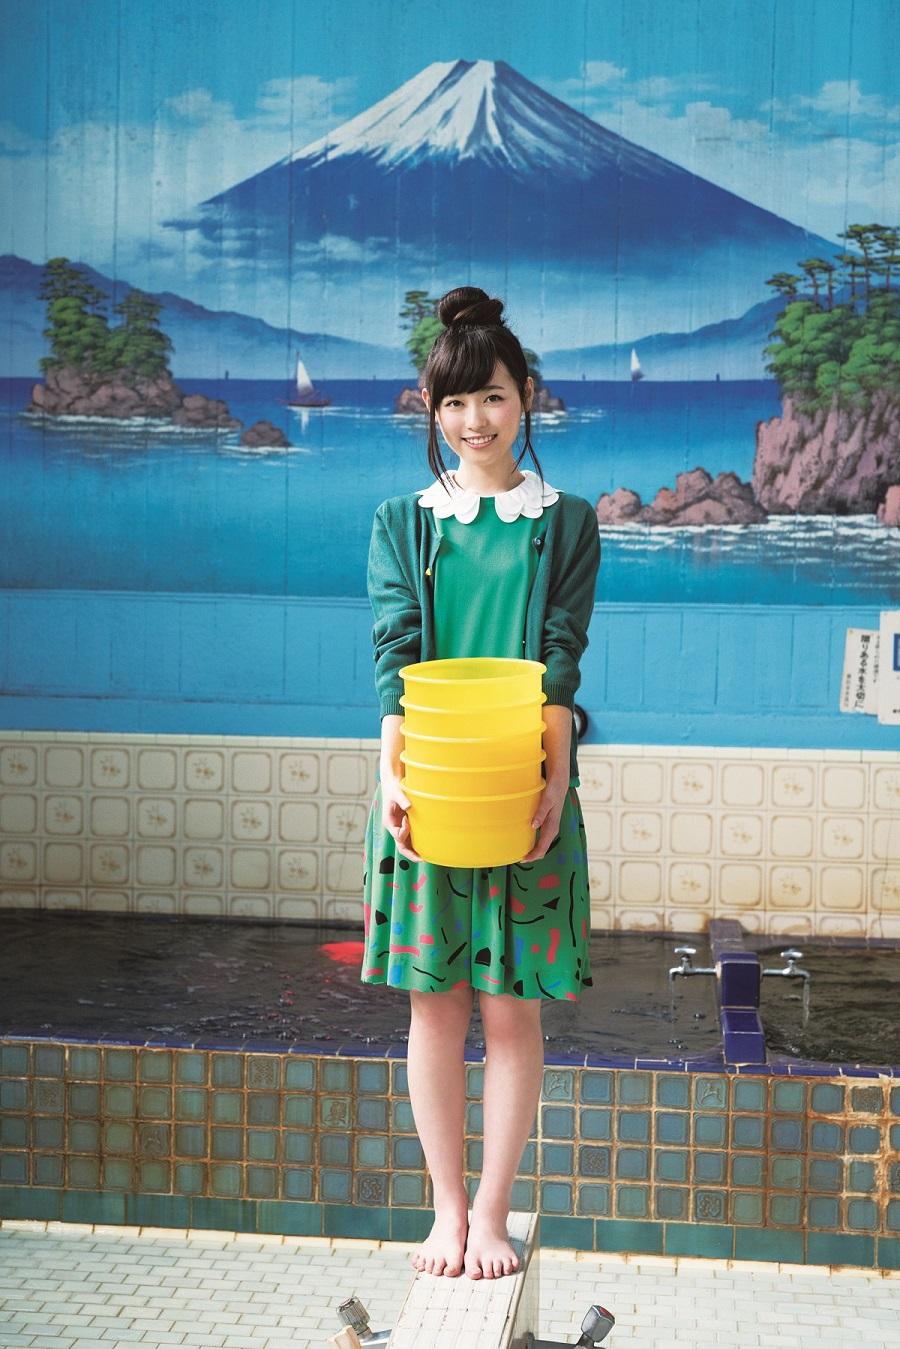 写真は、銭湯でのショット(撮影は佐藤佑一さん)(提供:東京ニュース通信社)